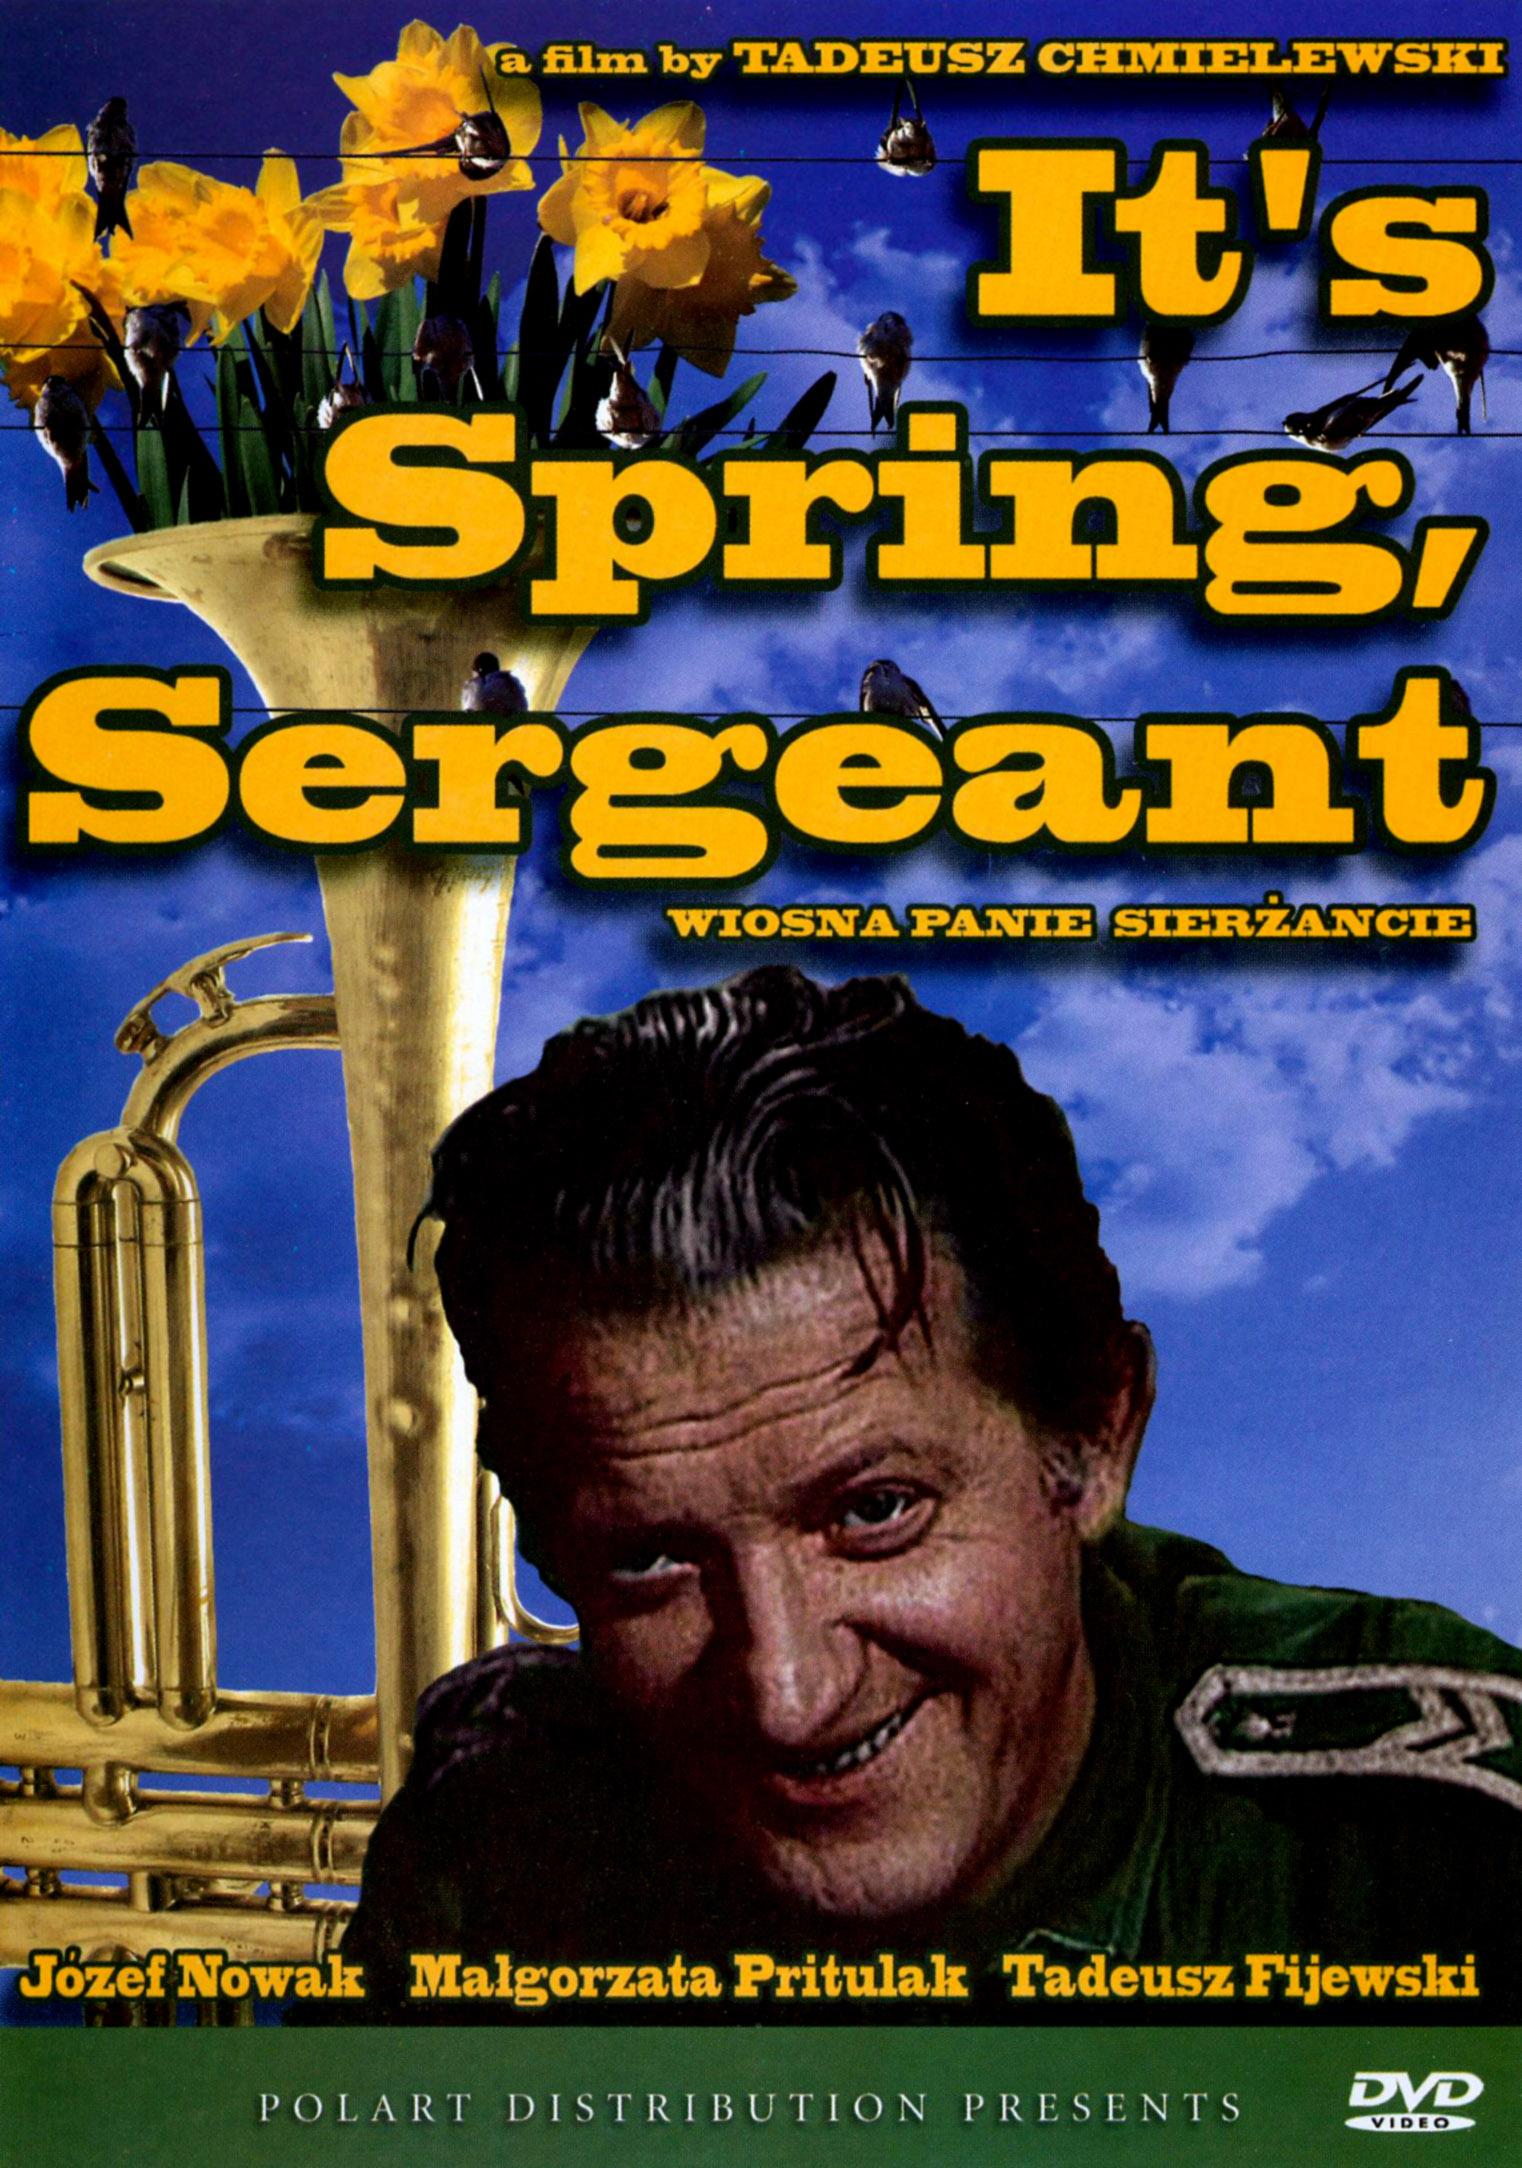 Wiosna, Panie Sierzancie